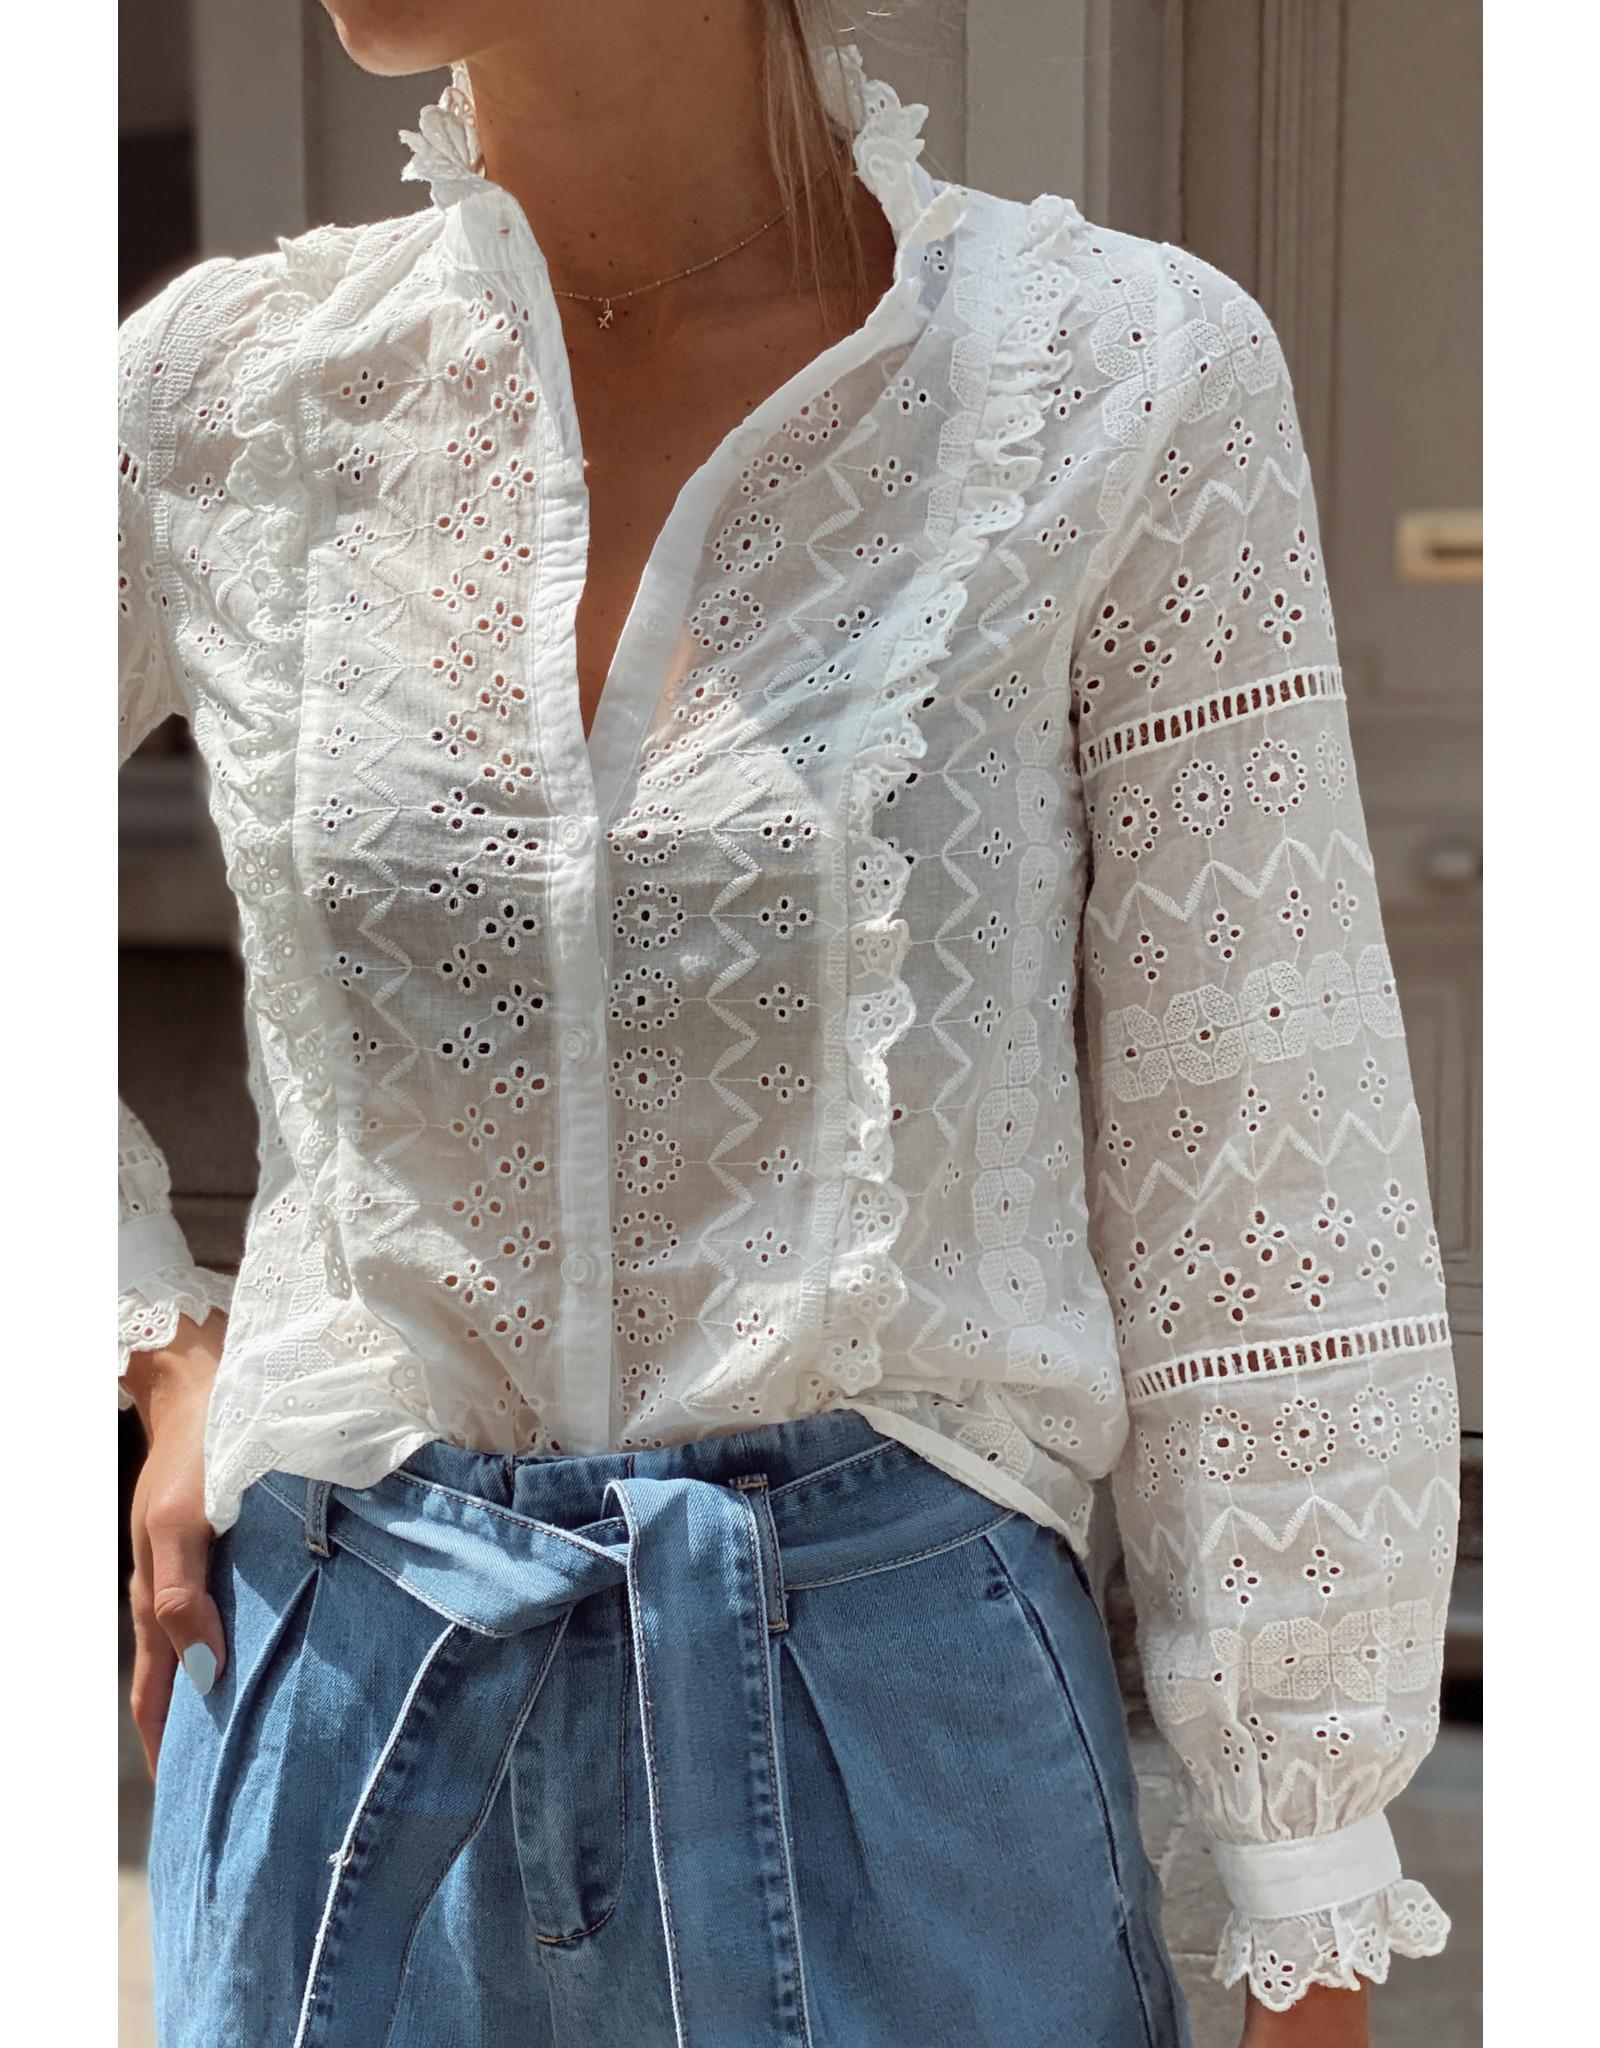 Lovie lace blouse